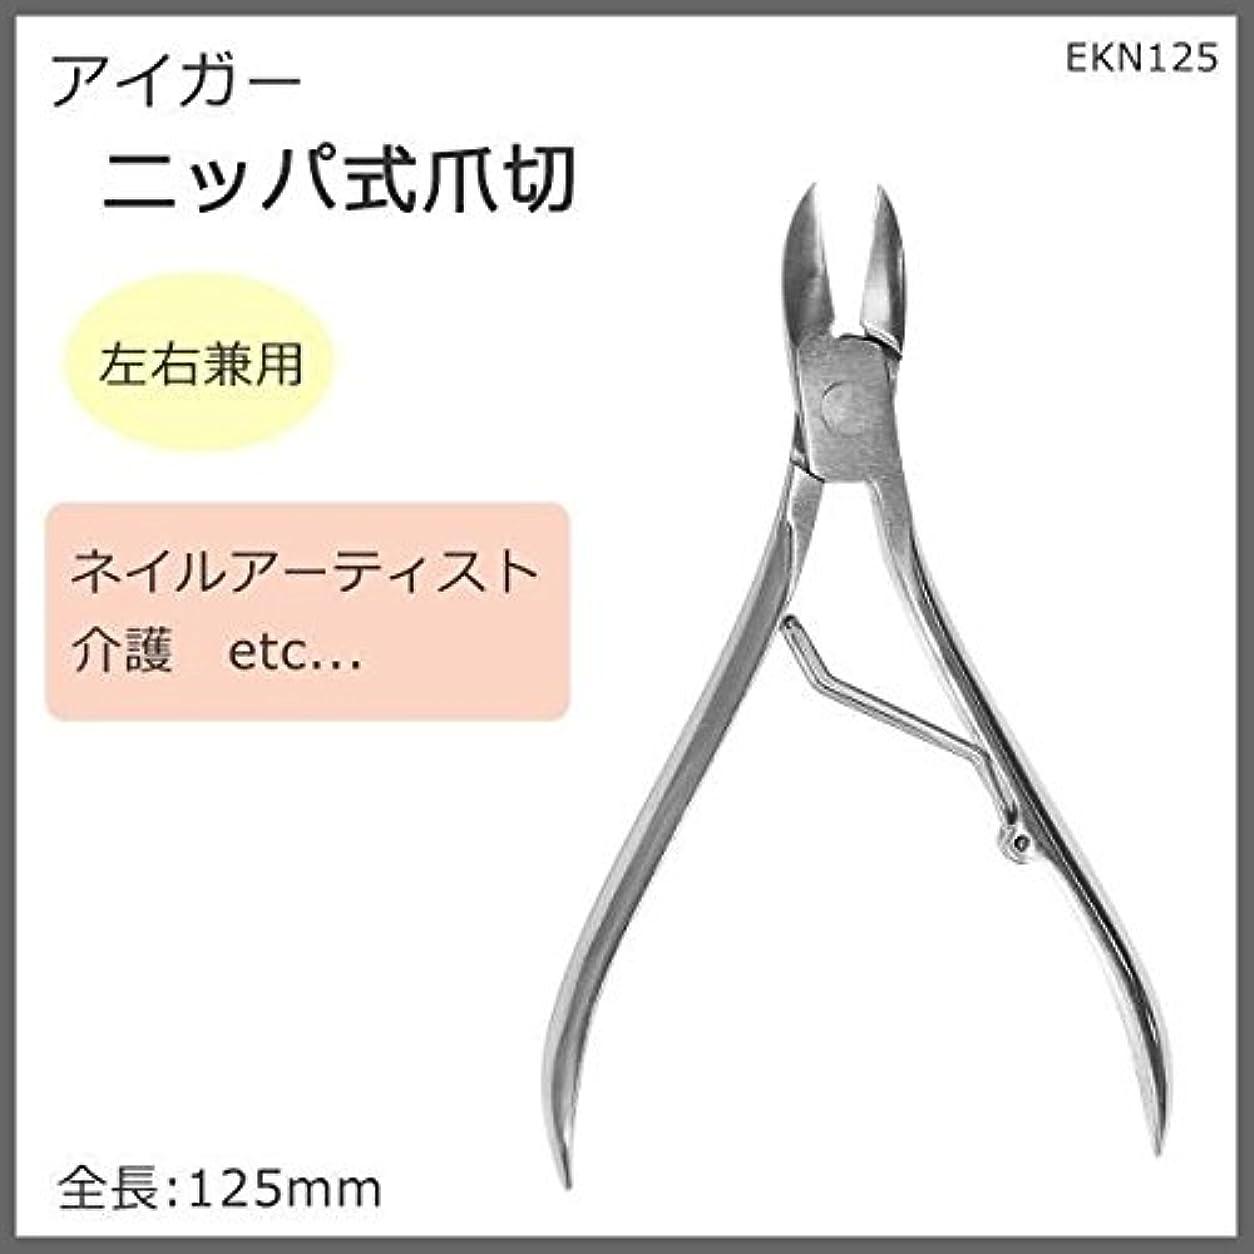 一発表する血まみれアイガー ニッパ式爪切 125mm EKN125